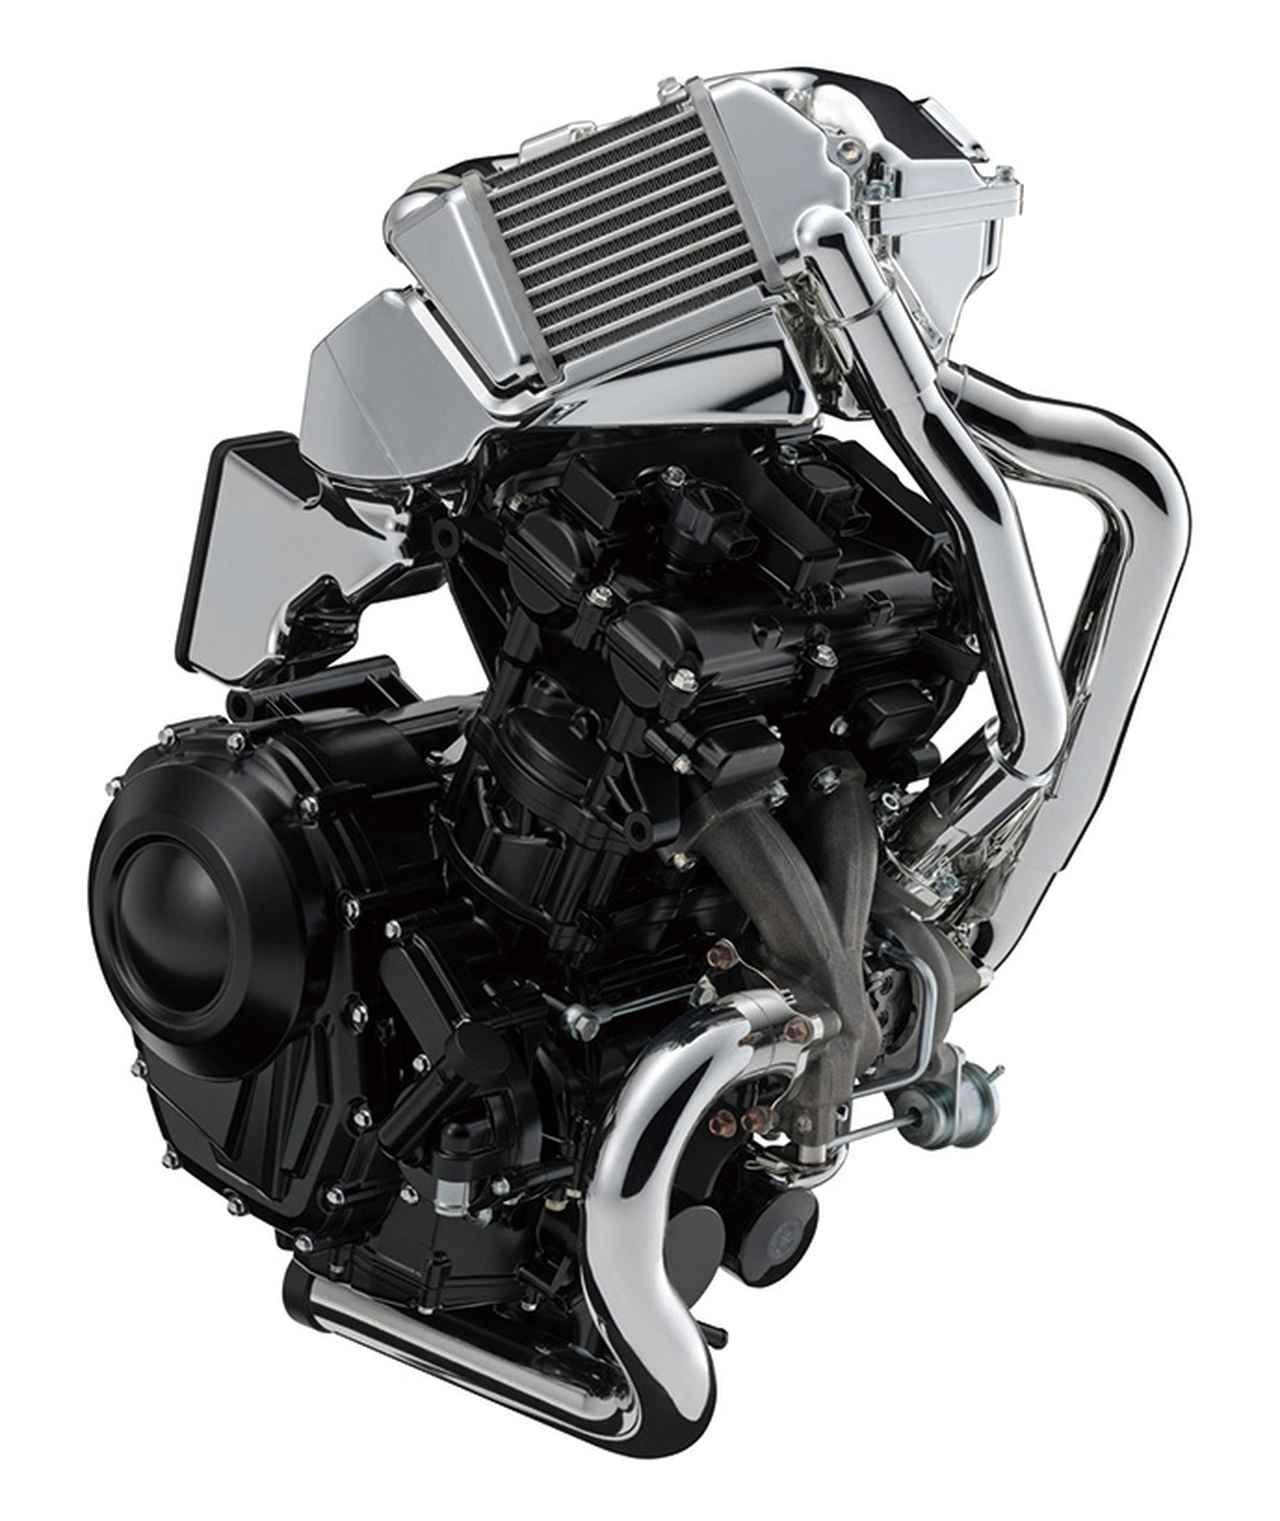 画像: 2年前の東京モーターショーに出展されたXE7エンジン。600㏄クラスのDOHCツインで、後方排気のリカージョンとは異なり、こちらは前方排気で、インタークーラーも採用する。